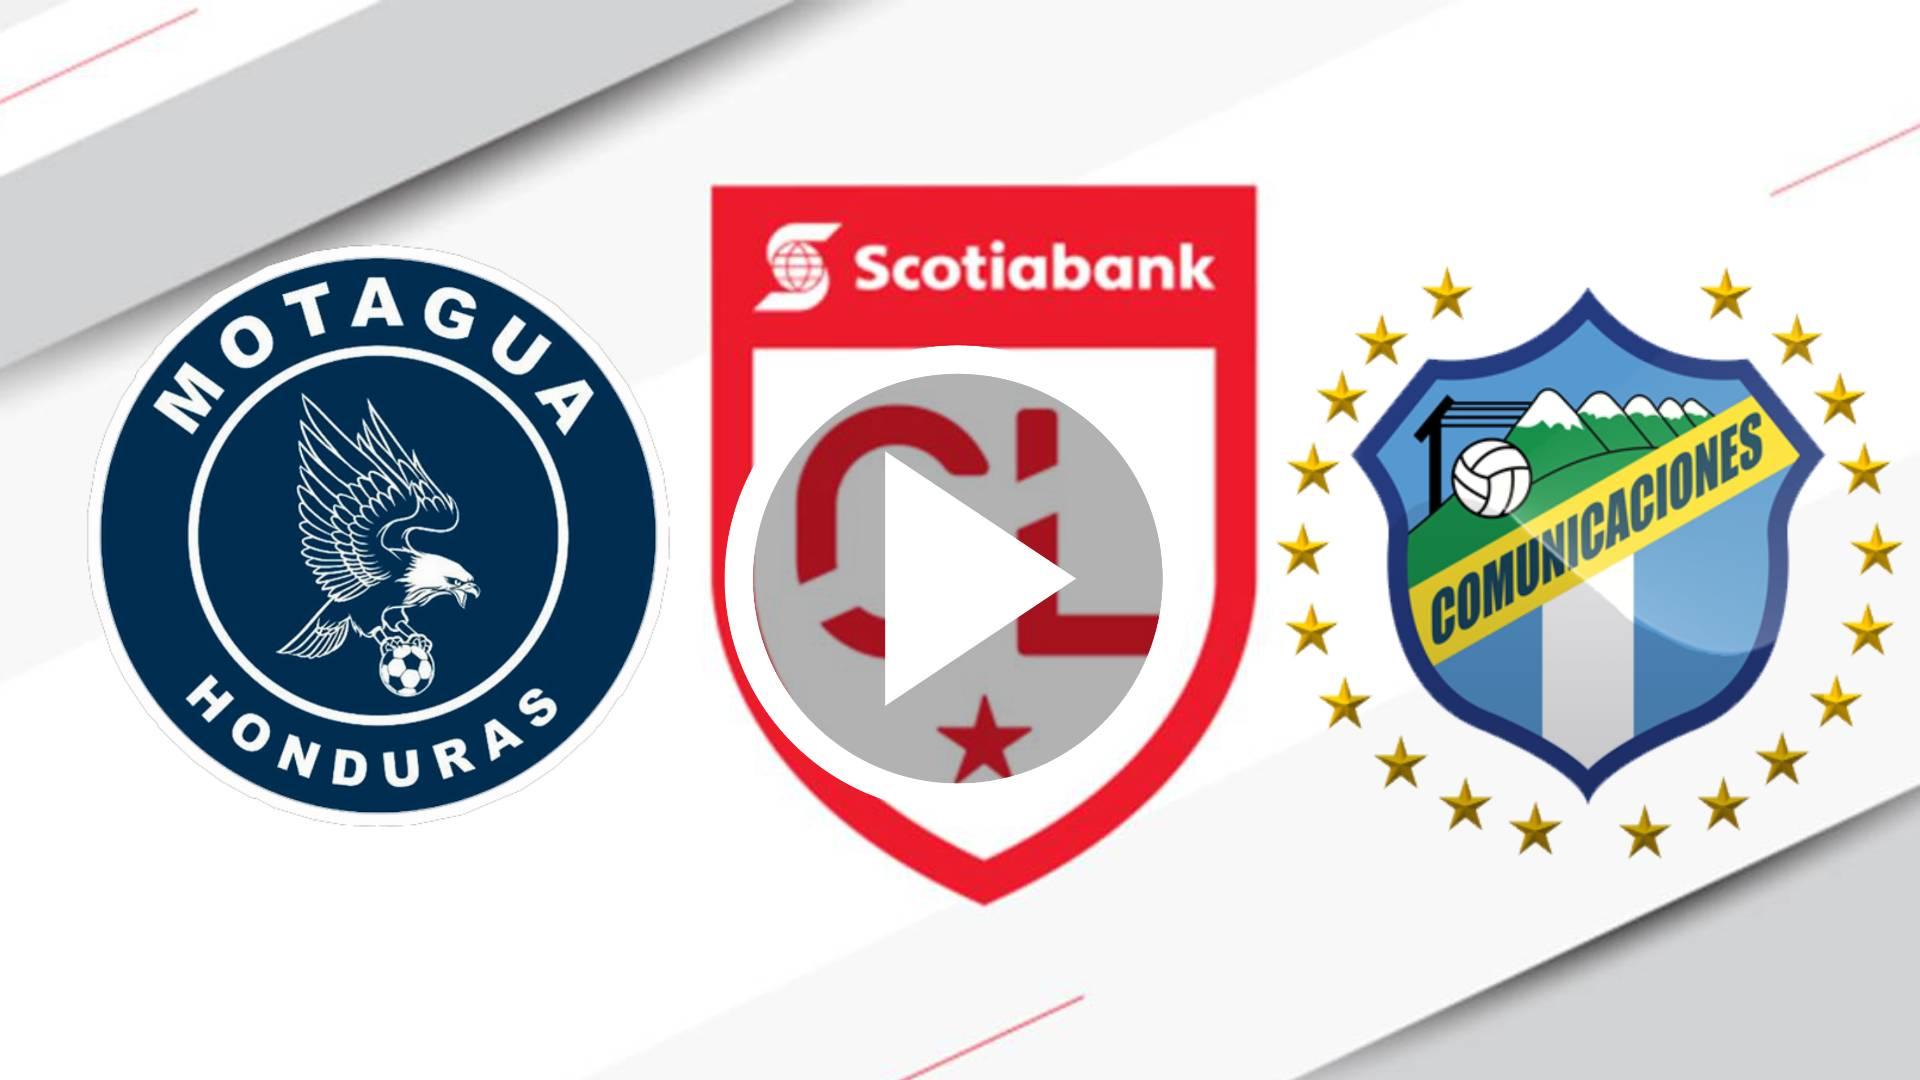 AQUI EN VIVO COCACAF LEAGUE 2020 Motagua vs Comunicaciones: Cuándo, dónde y por qué canal ver el partido de hoy por la ronda preliminar de la Liga Concacaf